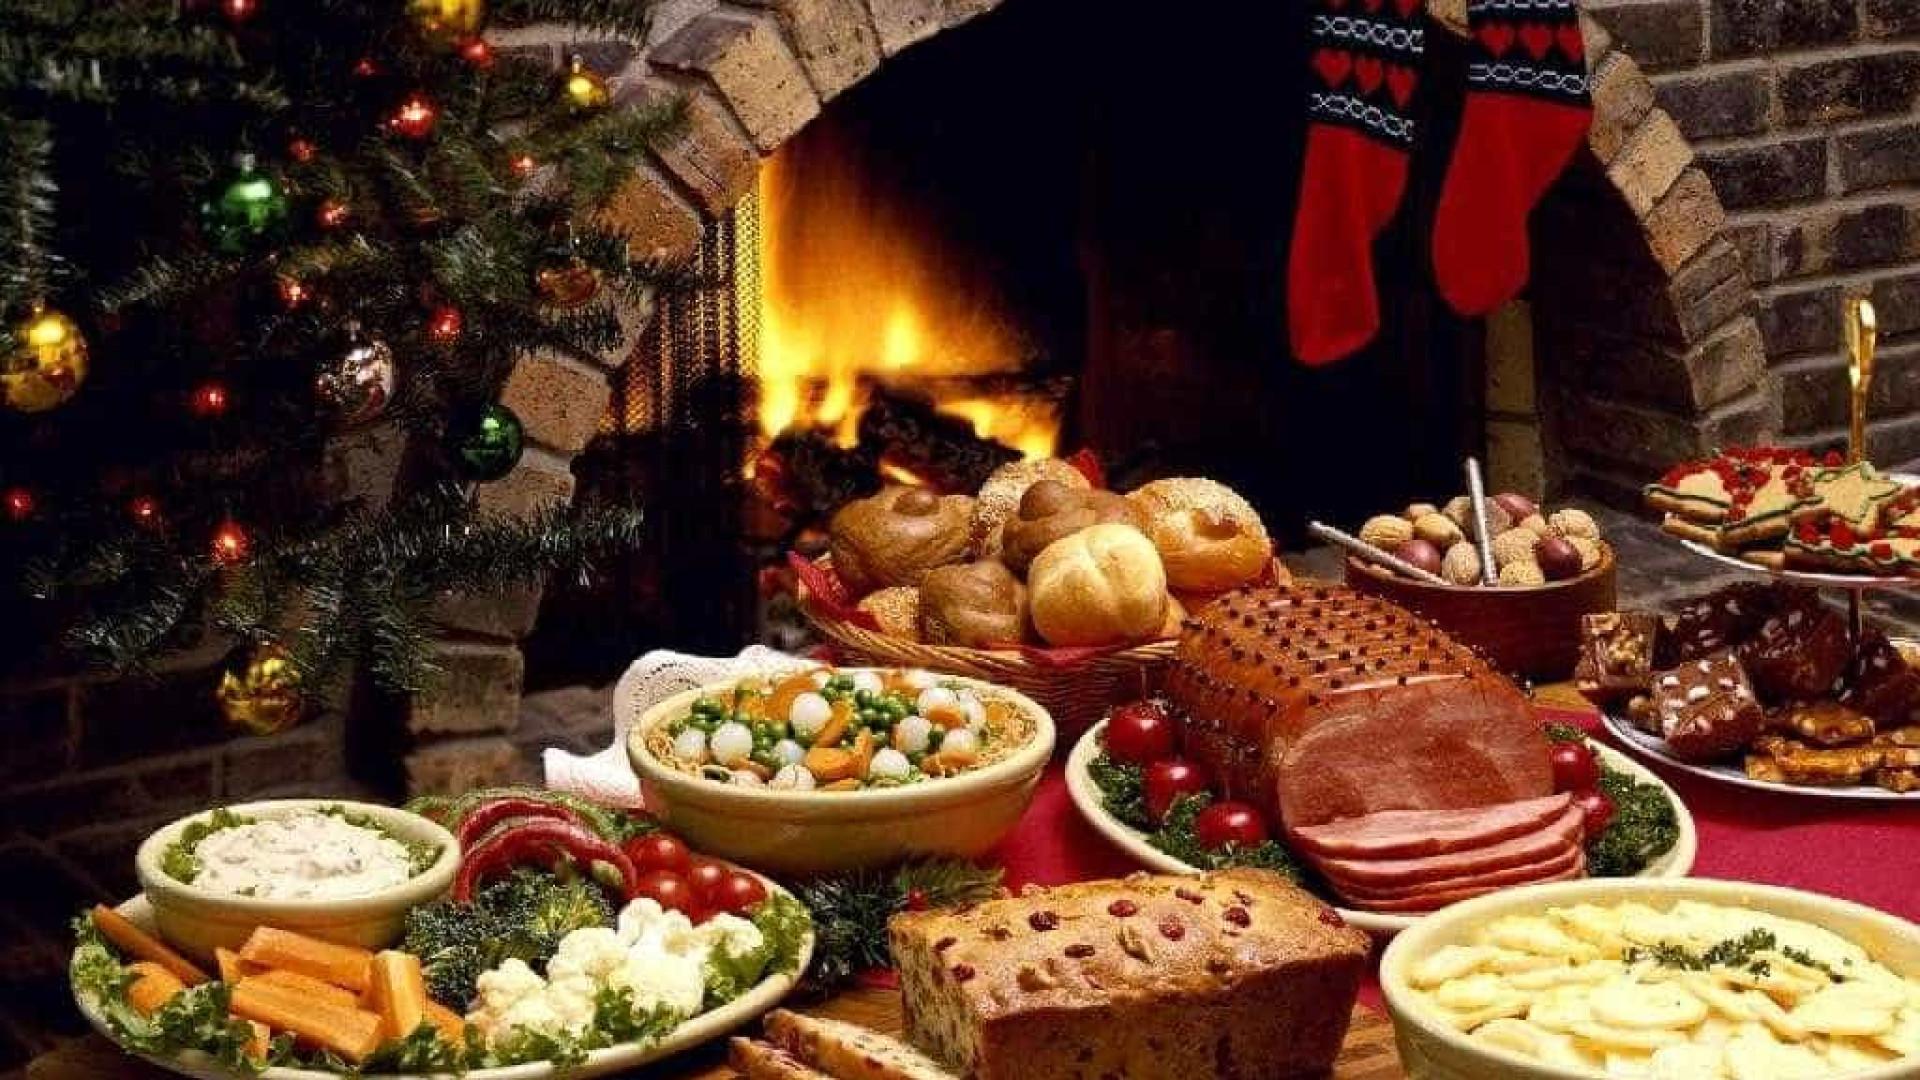 8 dicas de decoração para arrasar na mesa de Natal